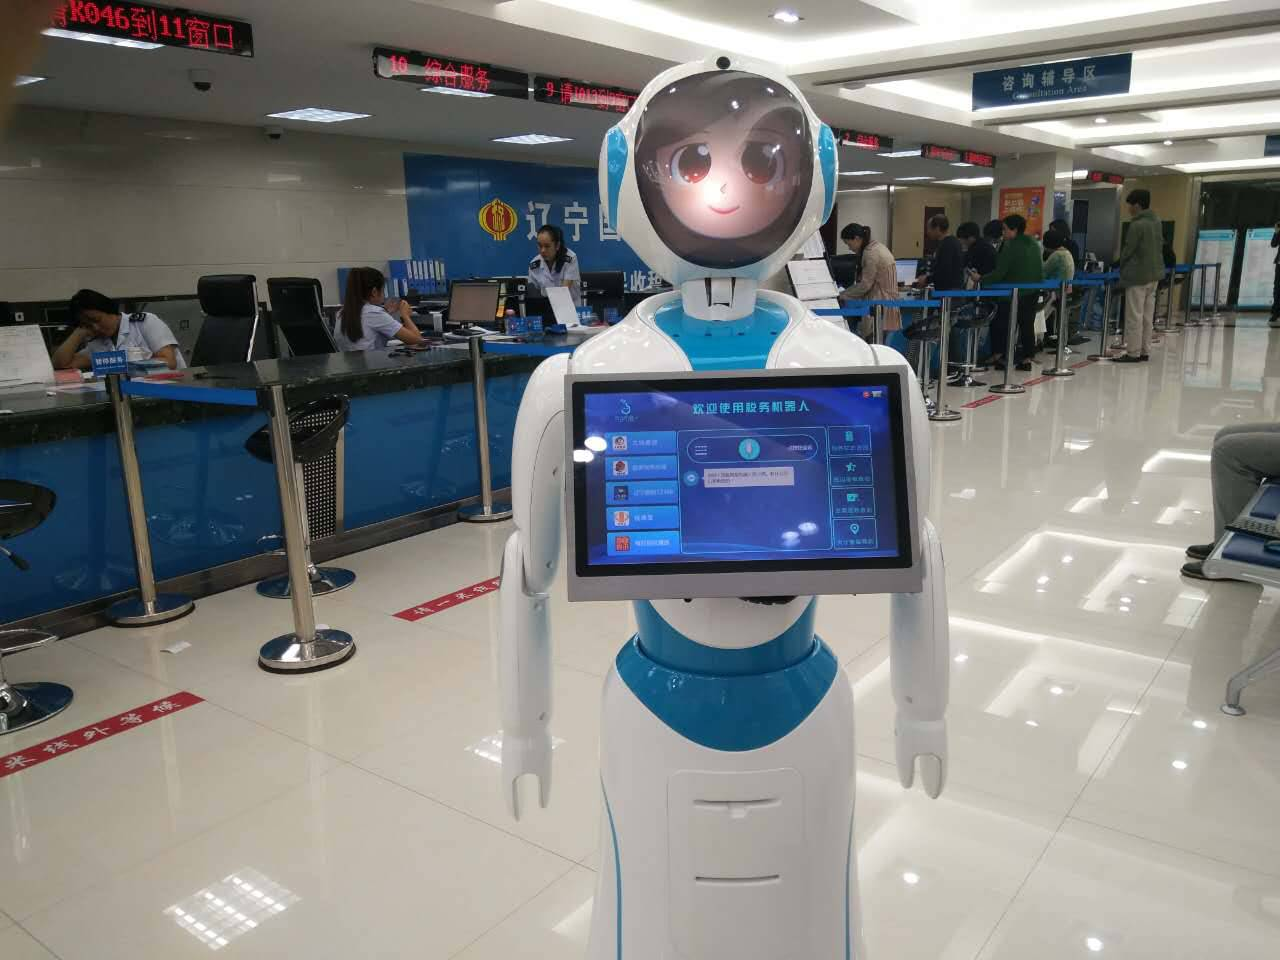 用智能机器人加速政务服务迈向智能化